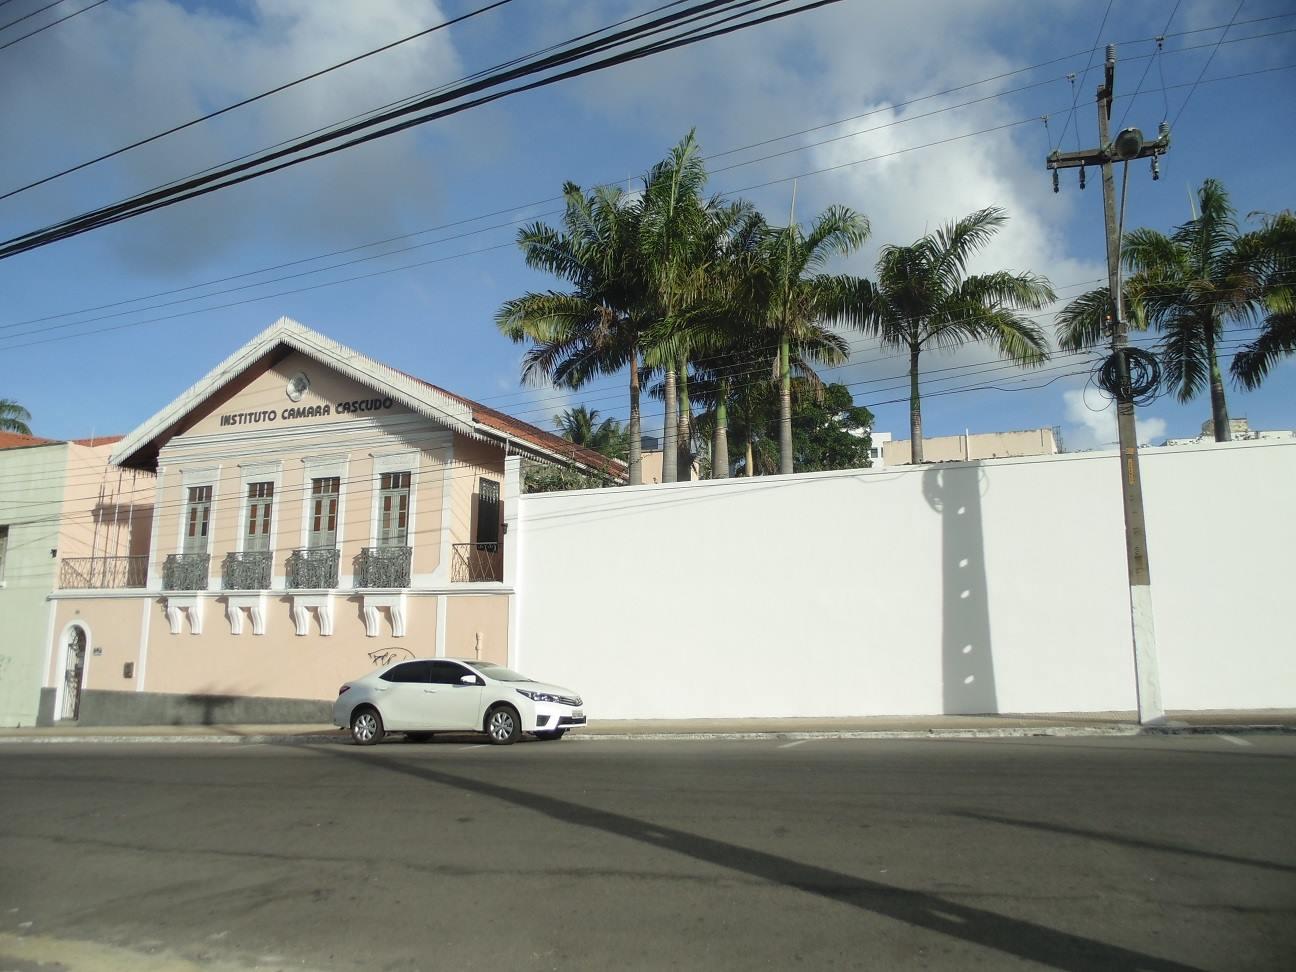 Casa de Câmara Cascudo dará um upgrade nos graffitis em seu muro